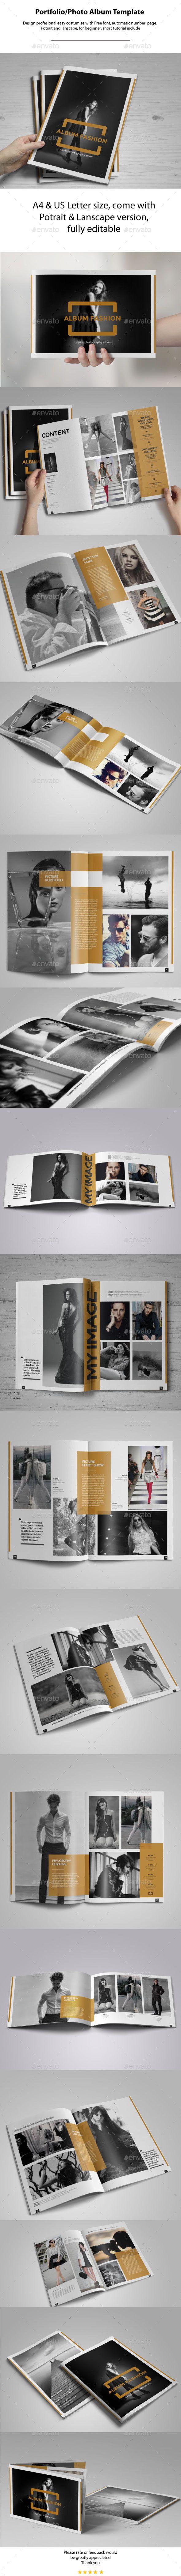 Portrait & Landscape Photo Album Template - #Photo #Albums Print Templates Download here: https://graphicriver.net/item/portrait-landscape-photo-album-template/11056046?ref=alena994